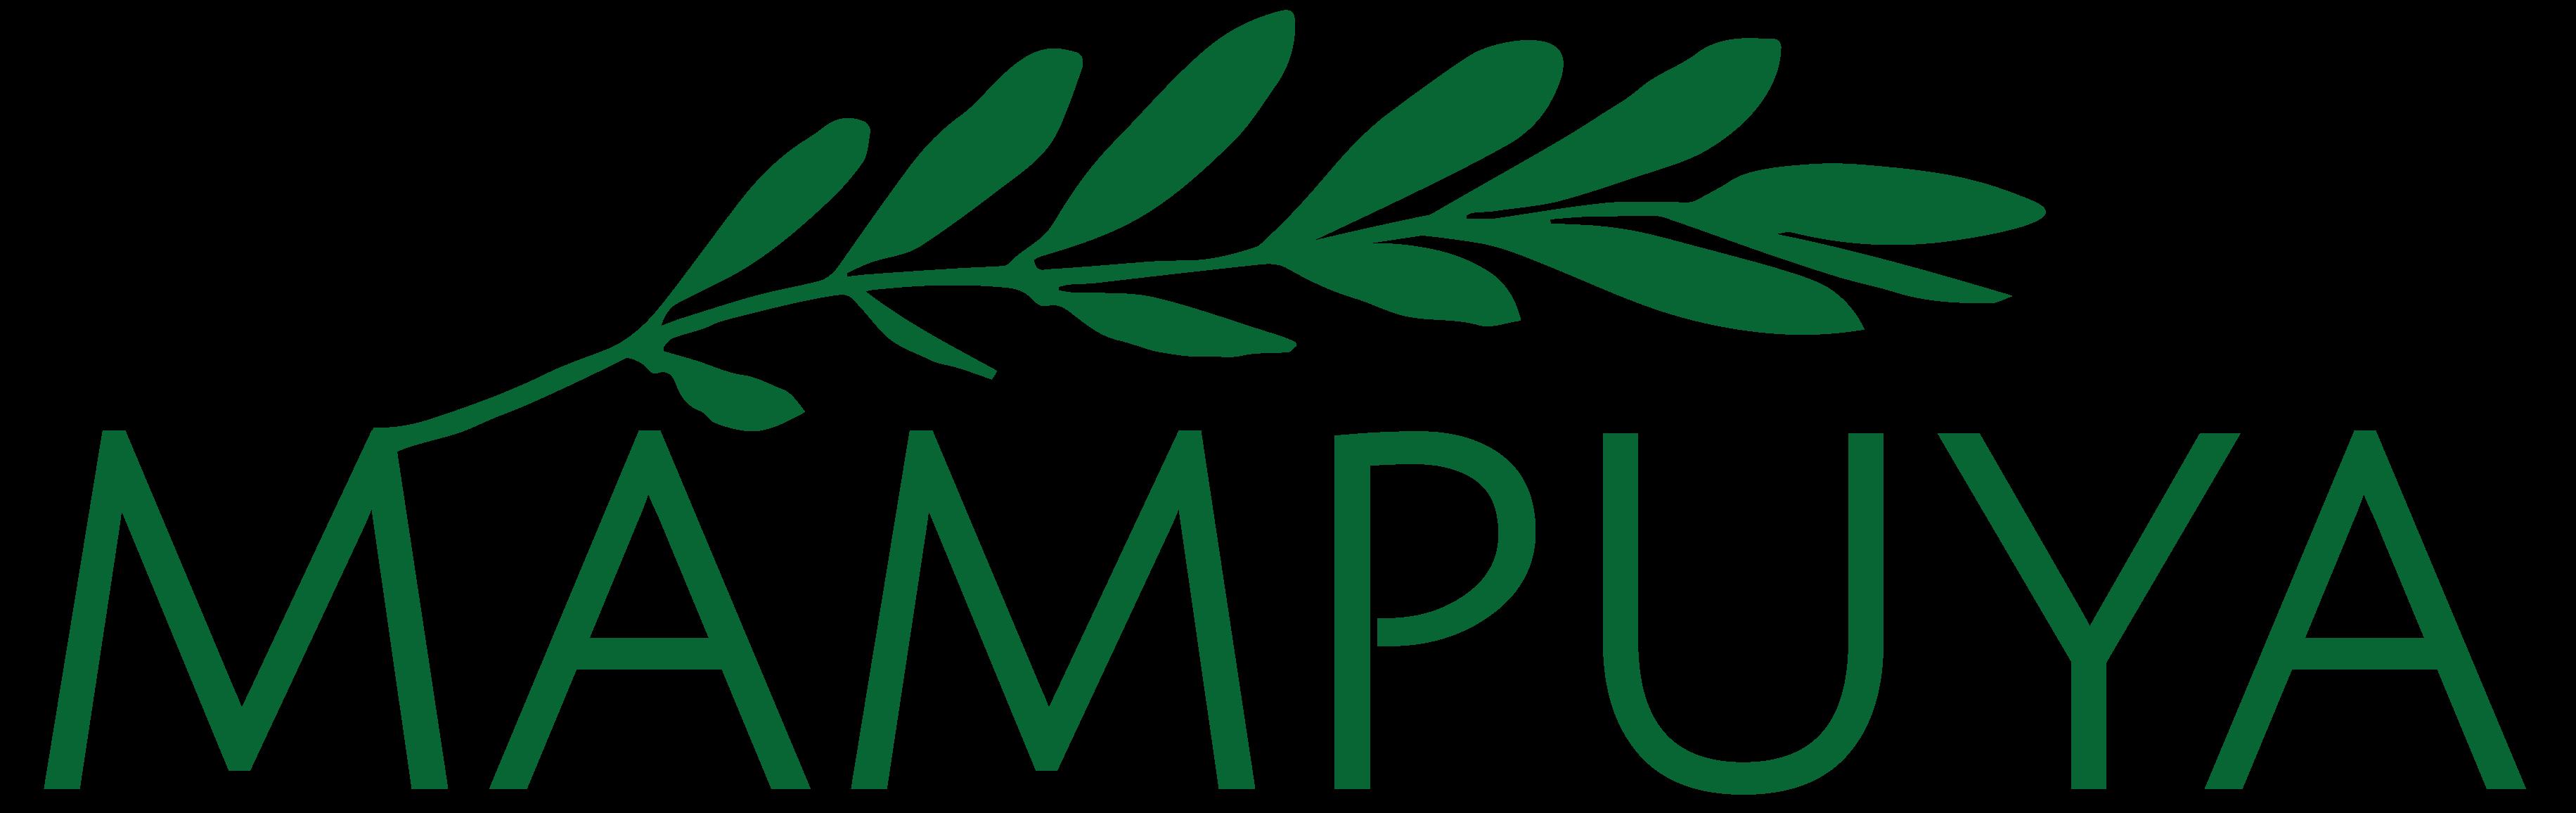 Mampuya ONG